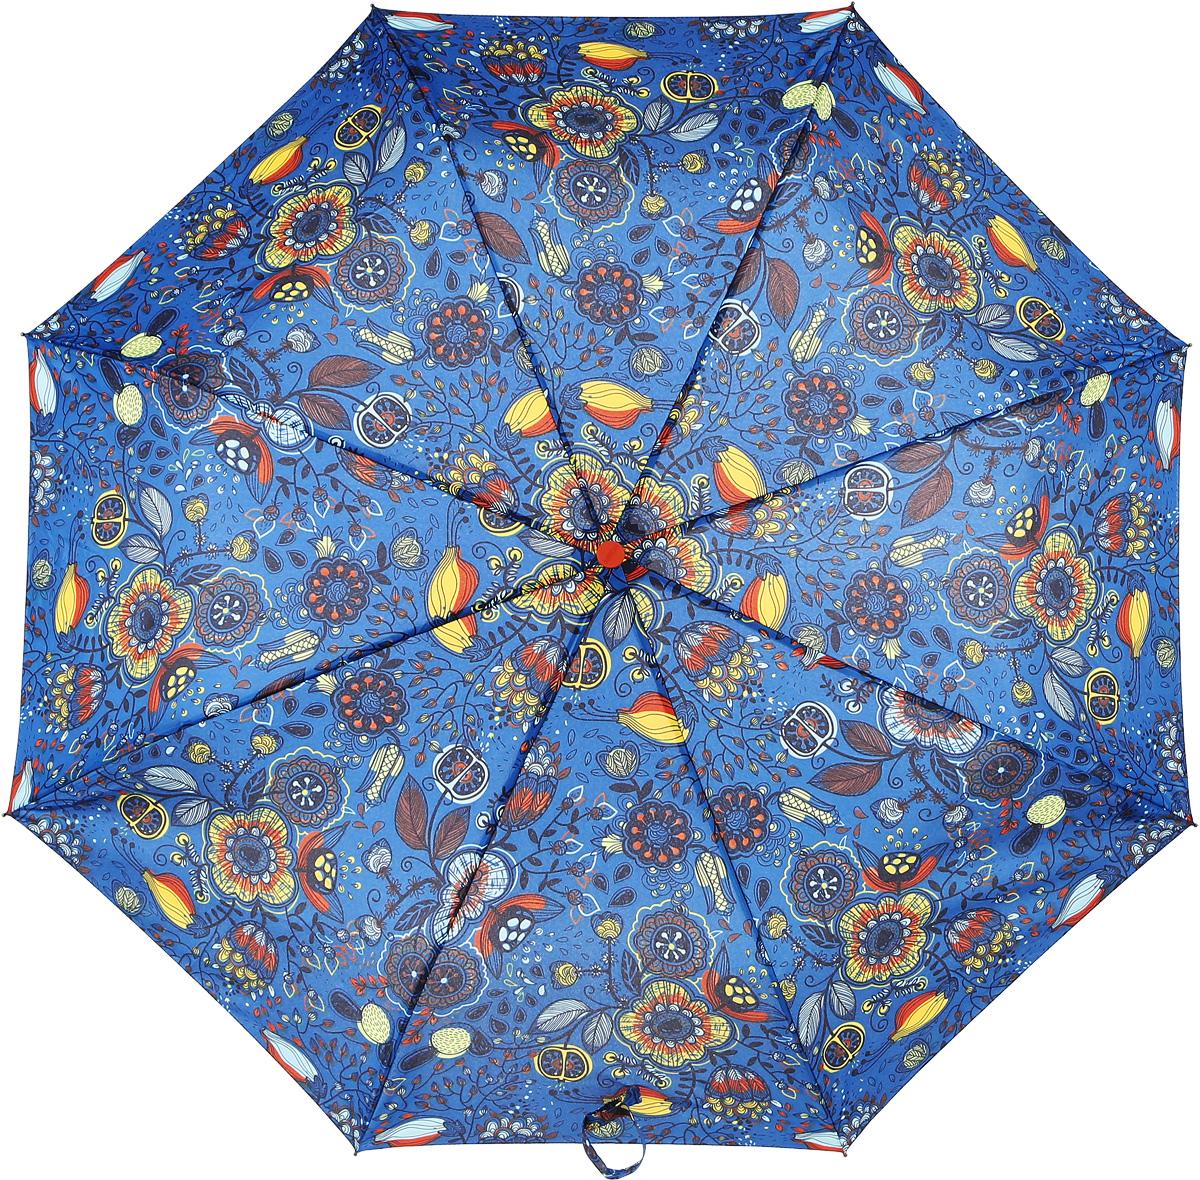 Зонт женский Airton, механический, 3 сложения, цвет: голубой, оранжевый. 3515-1383515-138Классический женский зонт в 3 сложения с механической системой открытия и закрытия. Удобная ручка выполнена из пластика. Модель зонта выполнена в стандартном размере, оснащена системой Антиветер. Этот стильный аксессуар поместится практически в любую женскую сумочку благодаря своим небольшим размерам. Вес зонта- 300 гр.